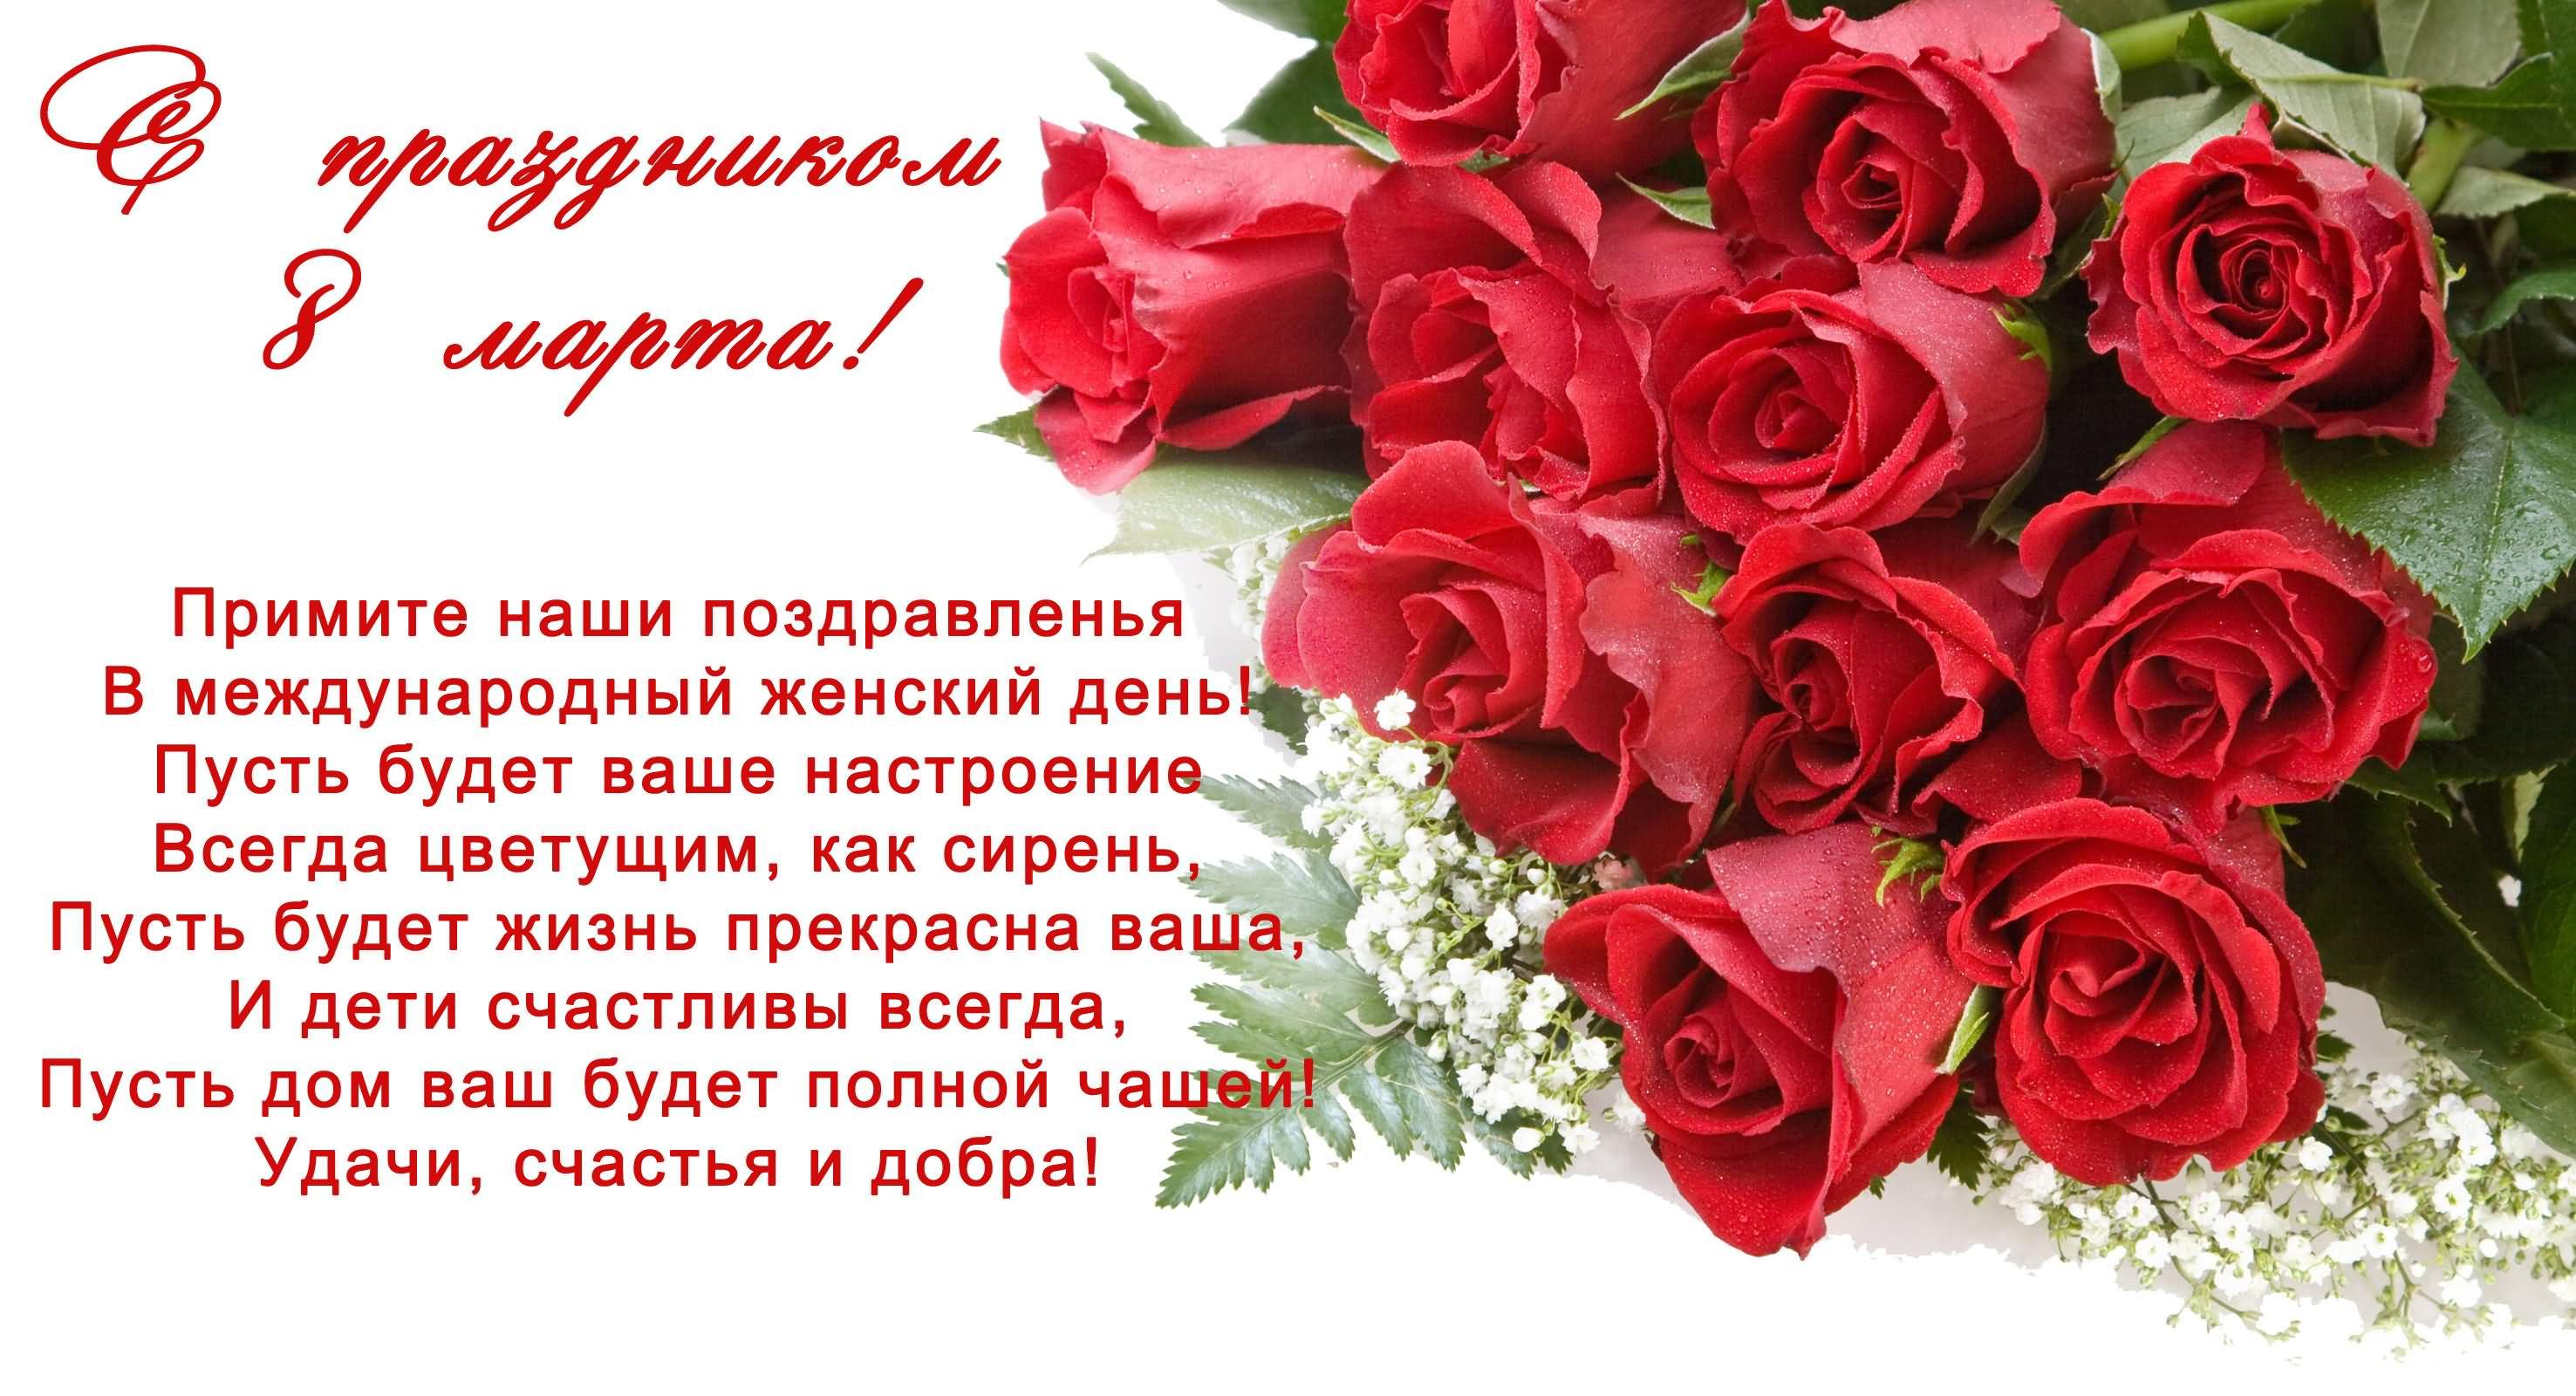 Смешные поздравления с 8 марта в стихах